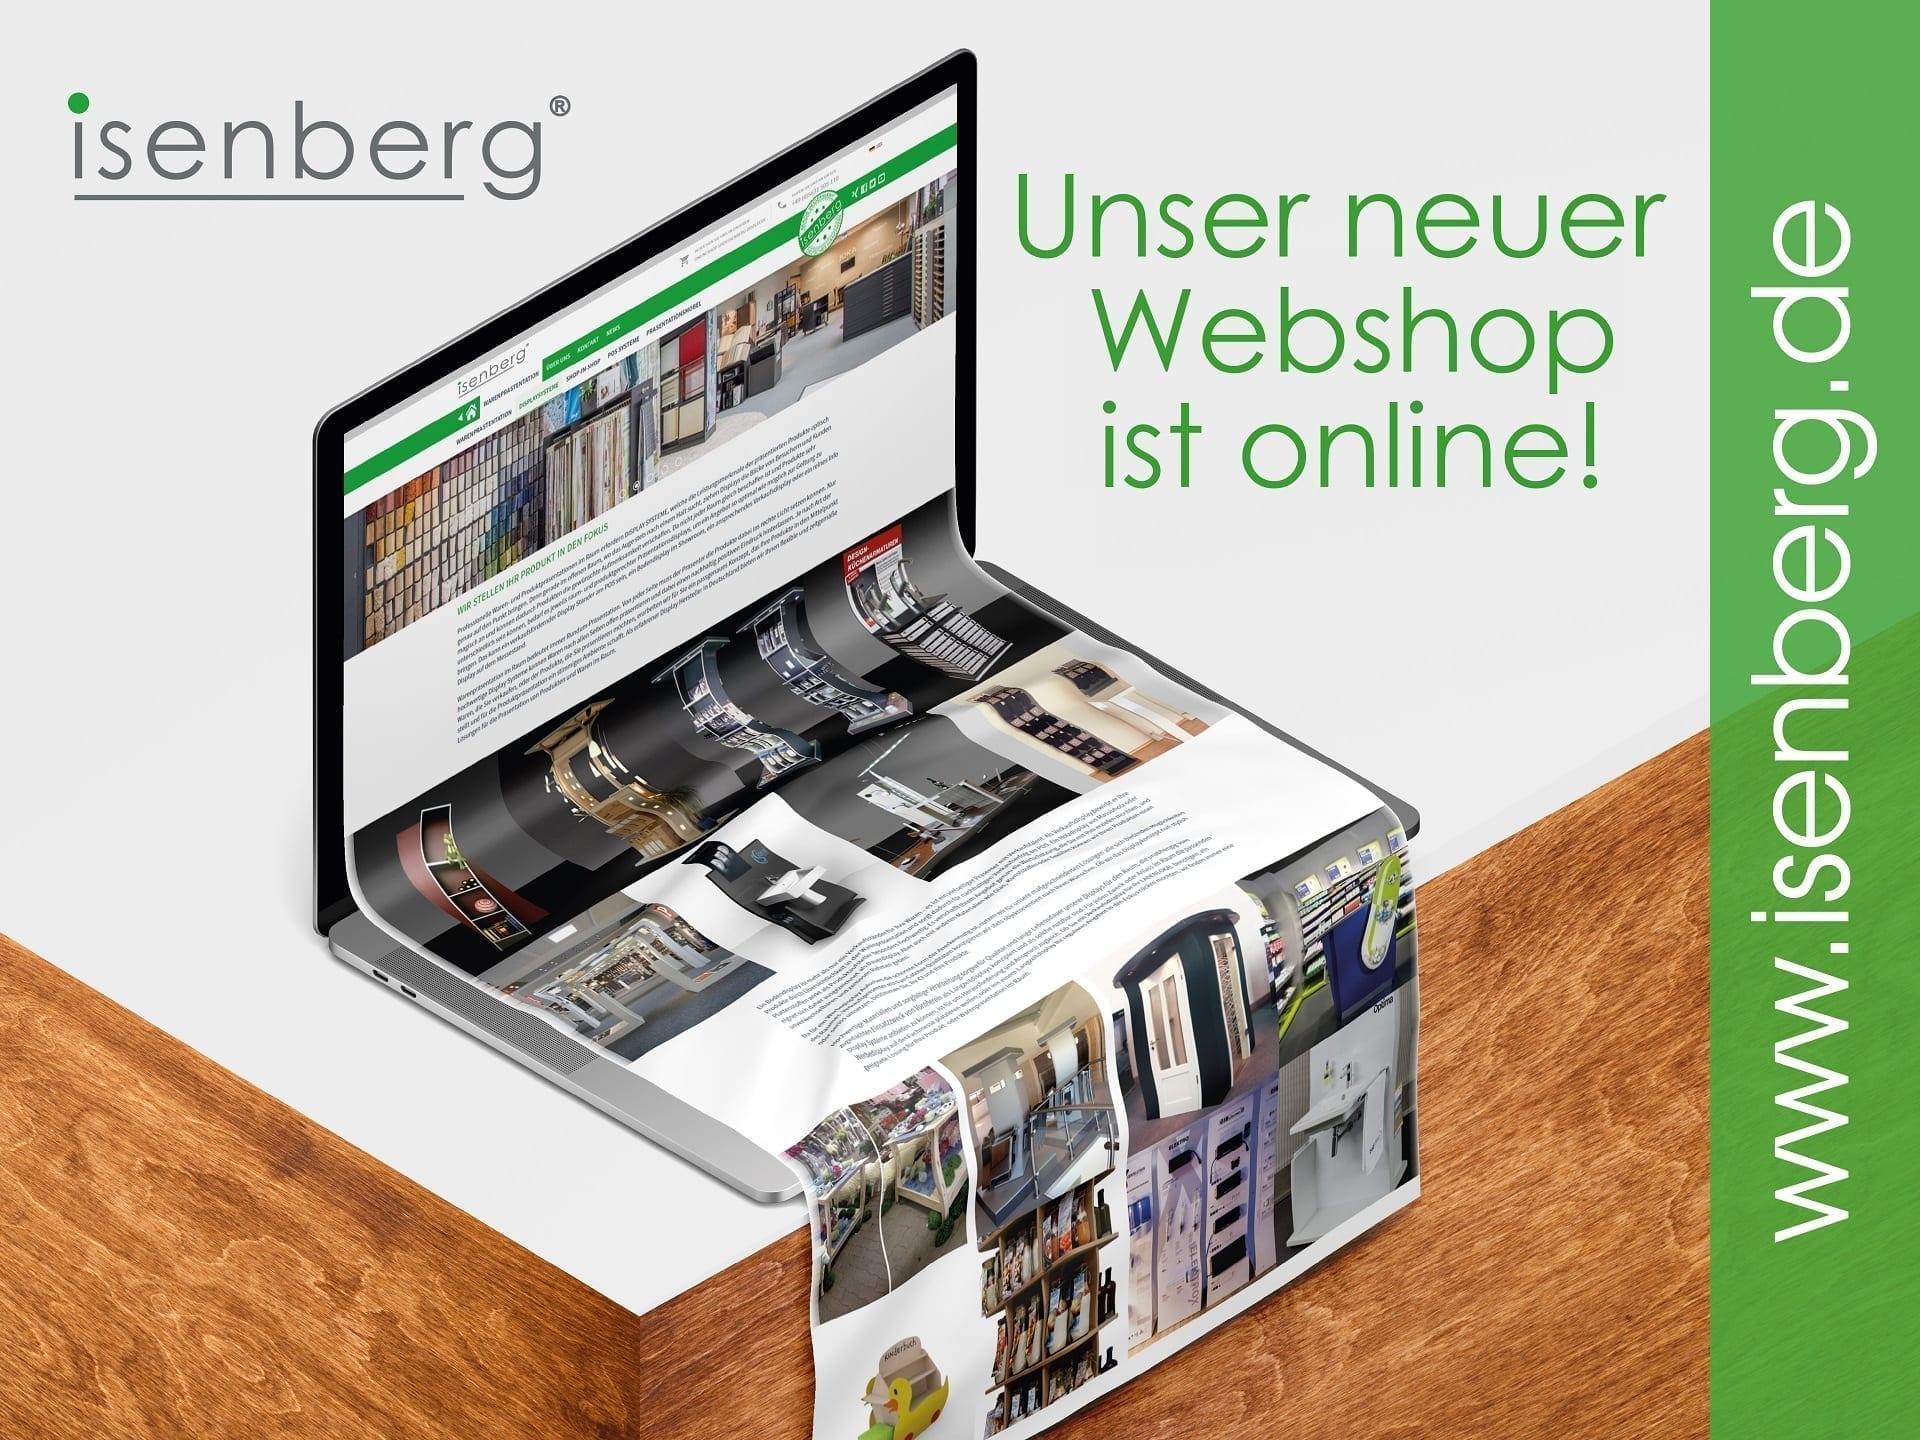 isenberg Webshop, Onlineshop Grafik